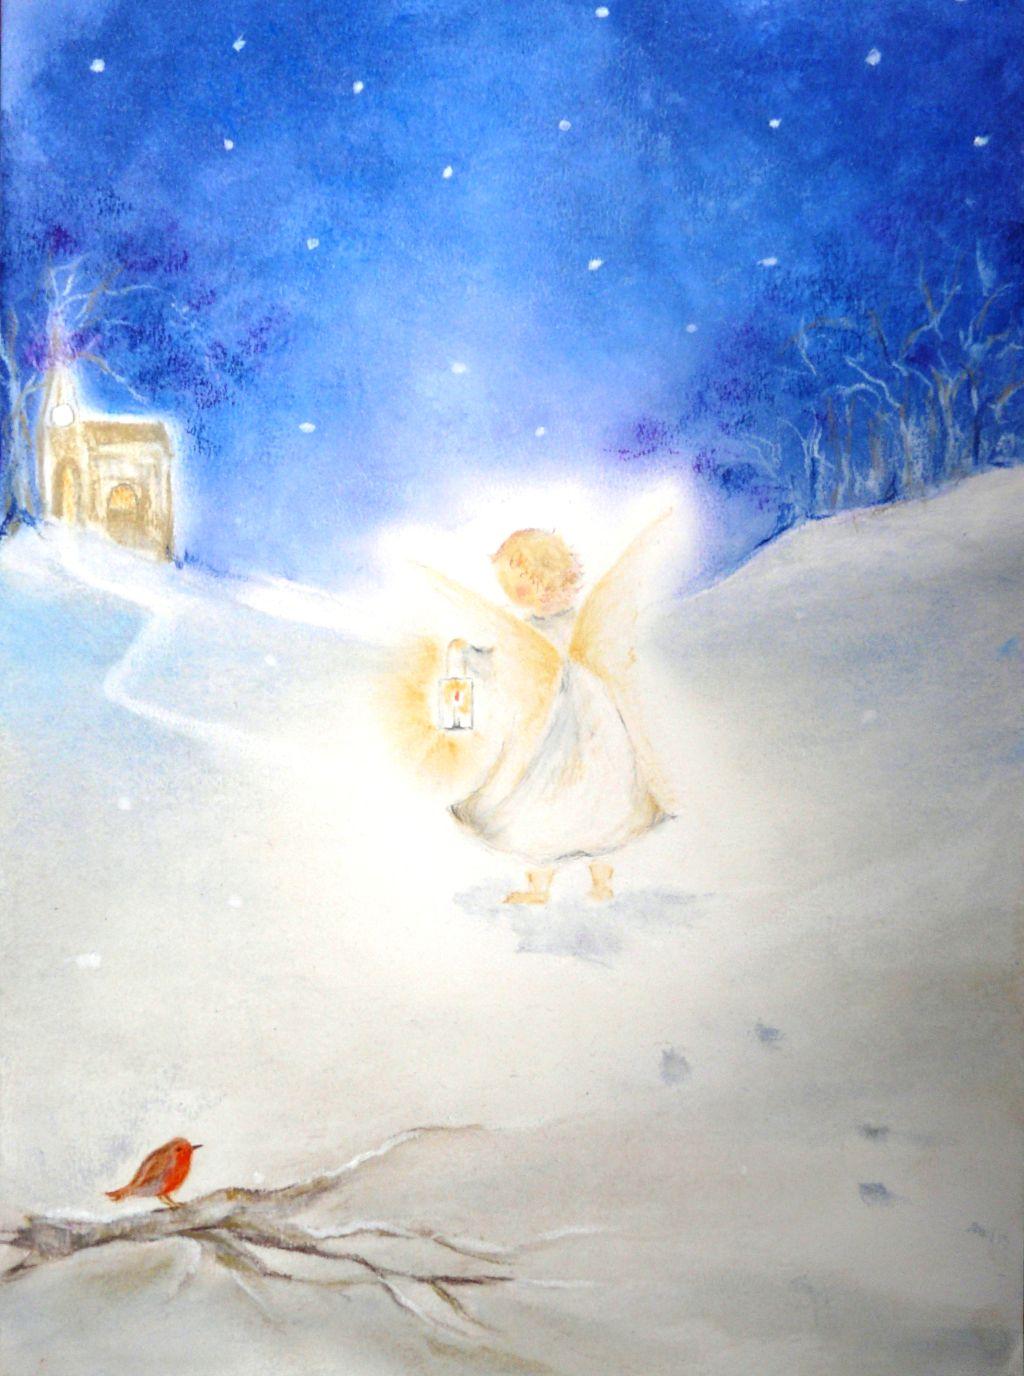 K1007_Engeltje in de sneeuw